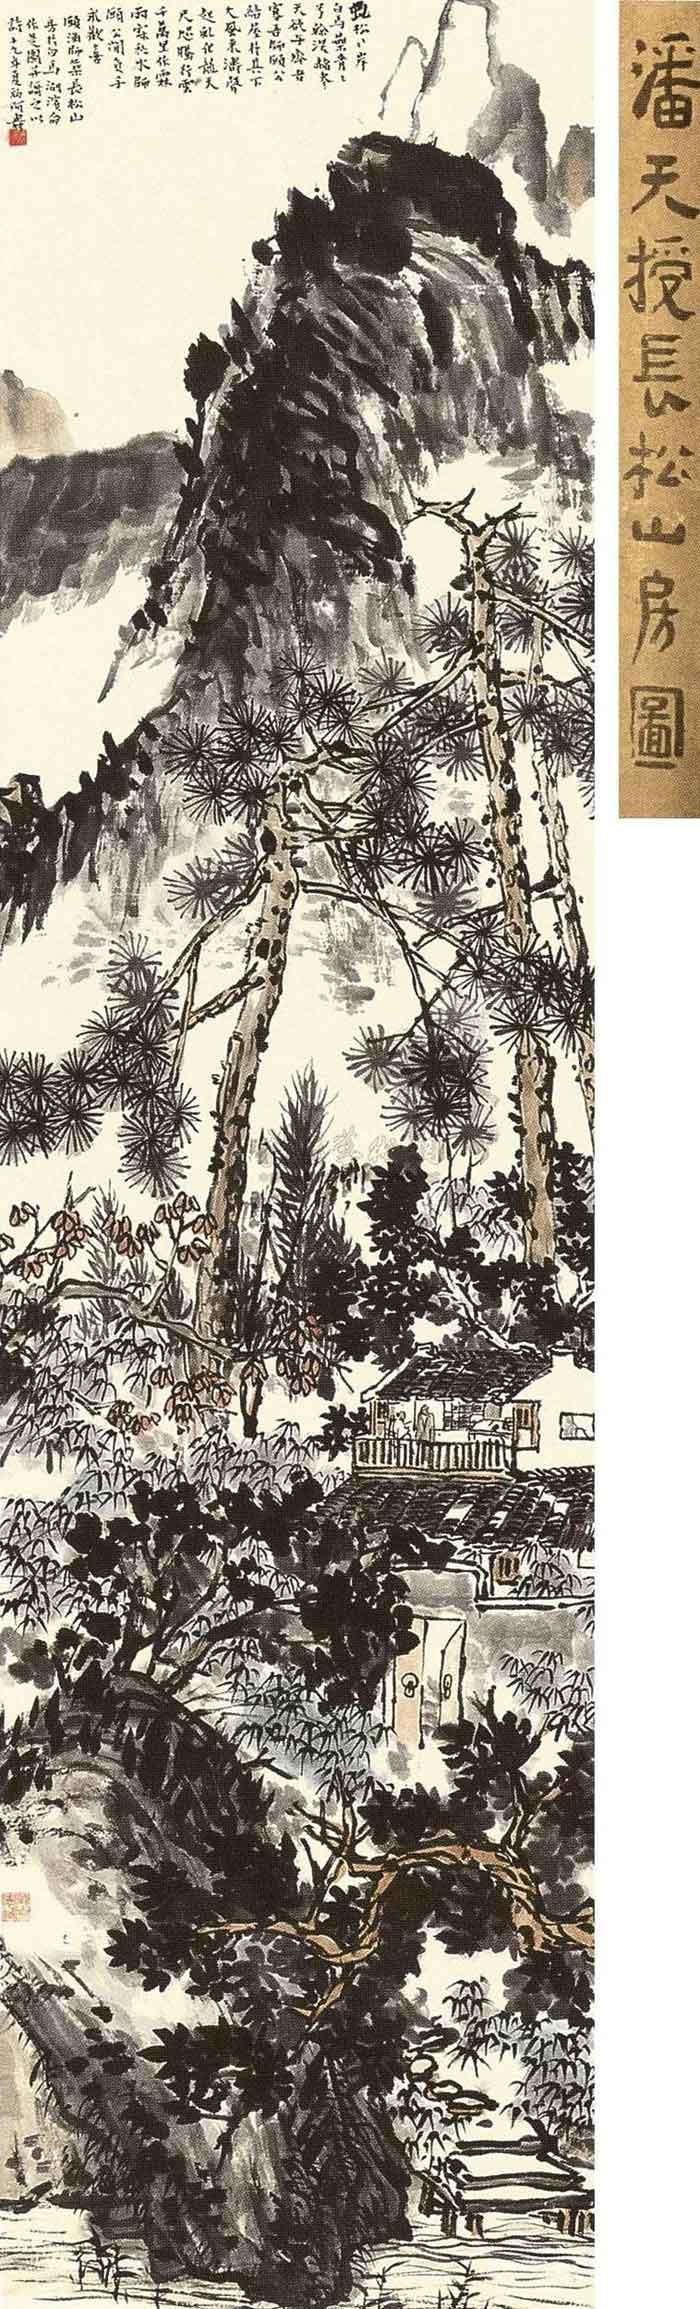 潘天寿 1930年作 《长松山房图》 150.6×39.8cm